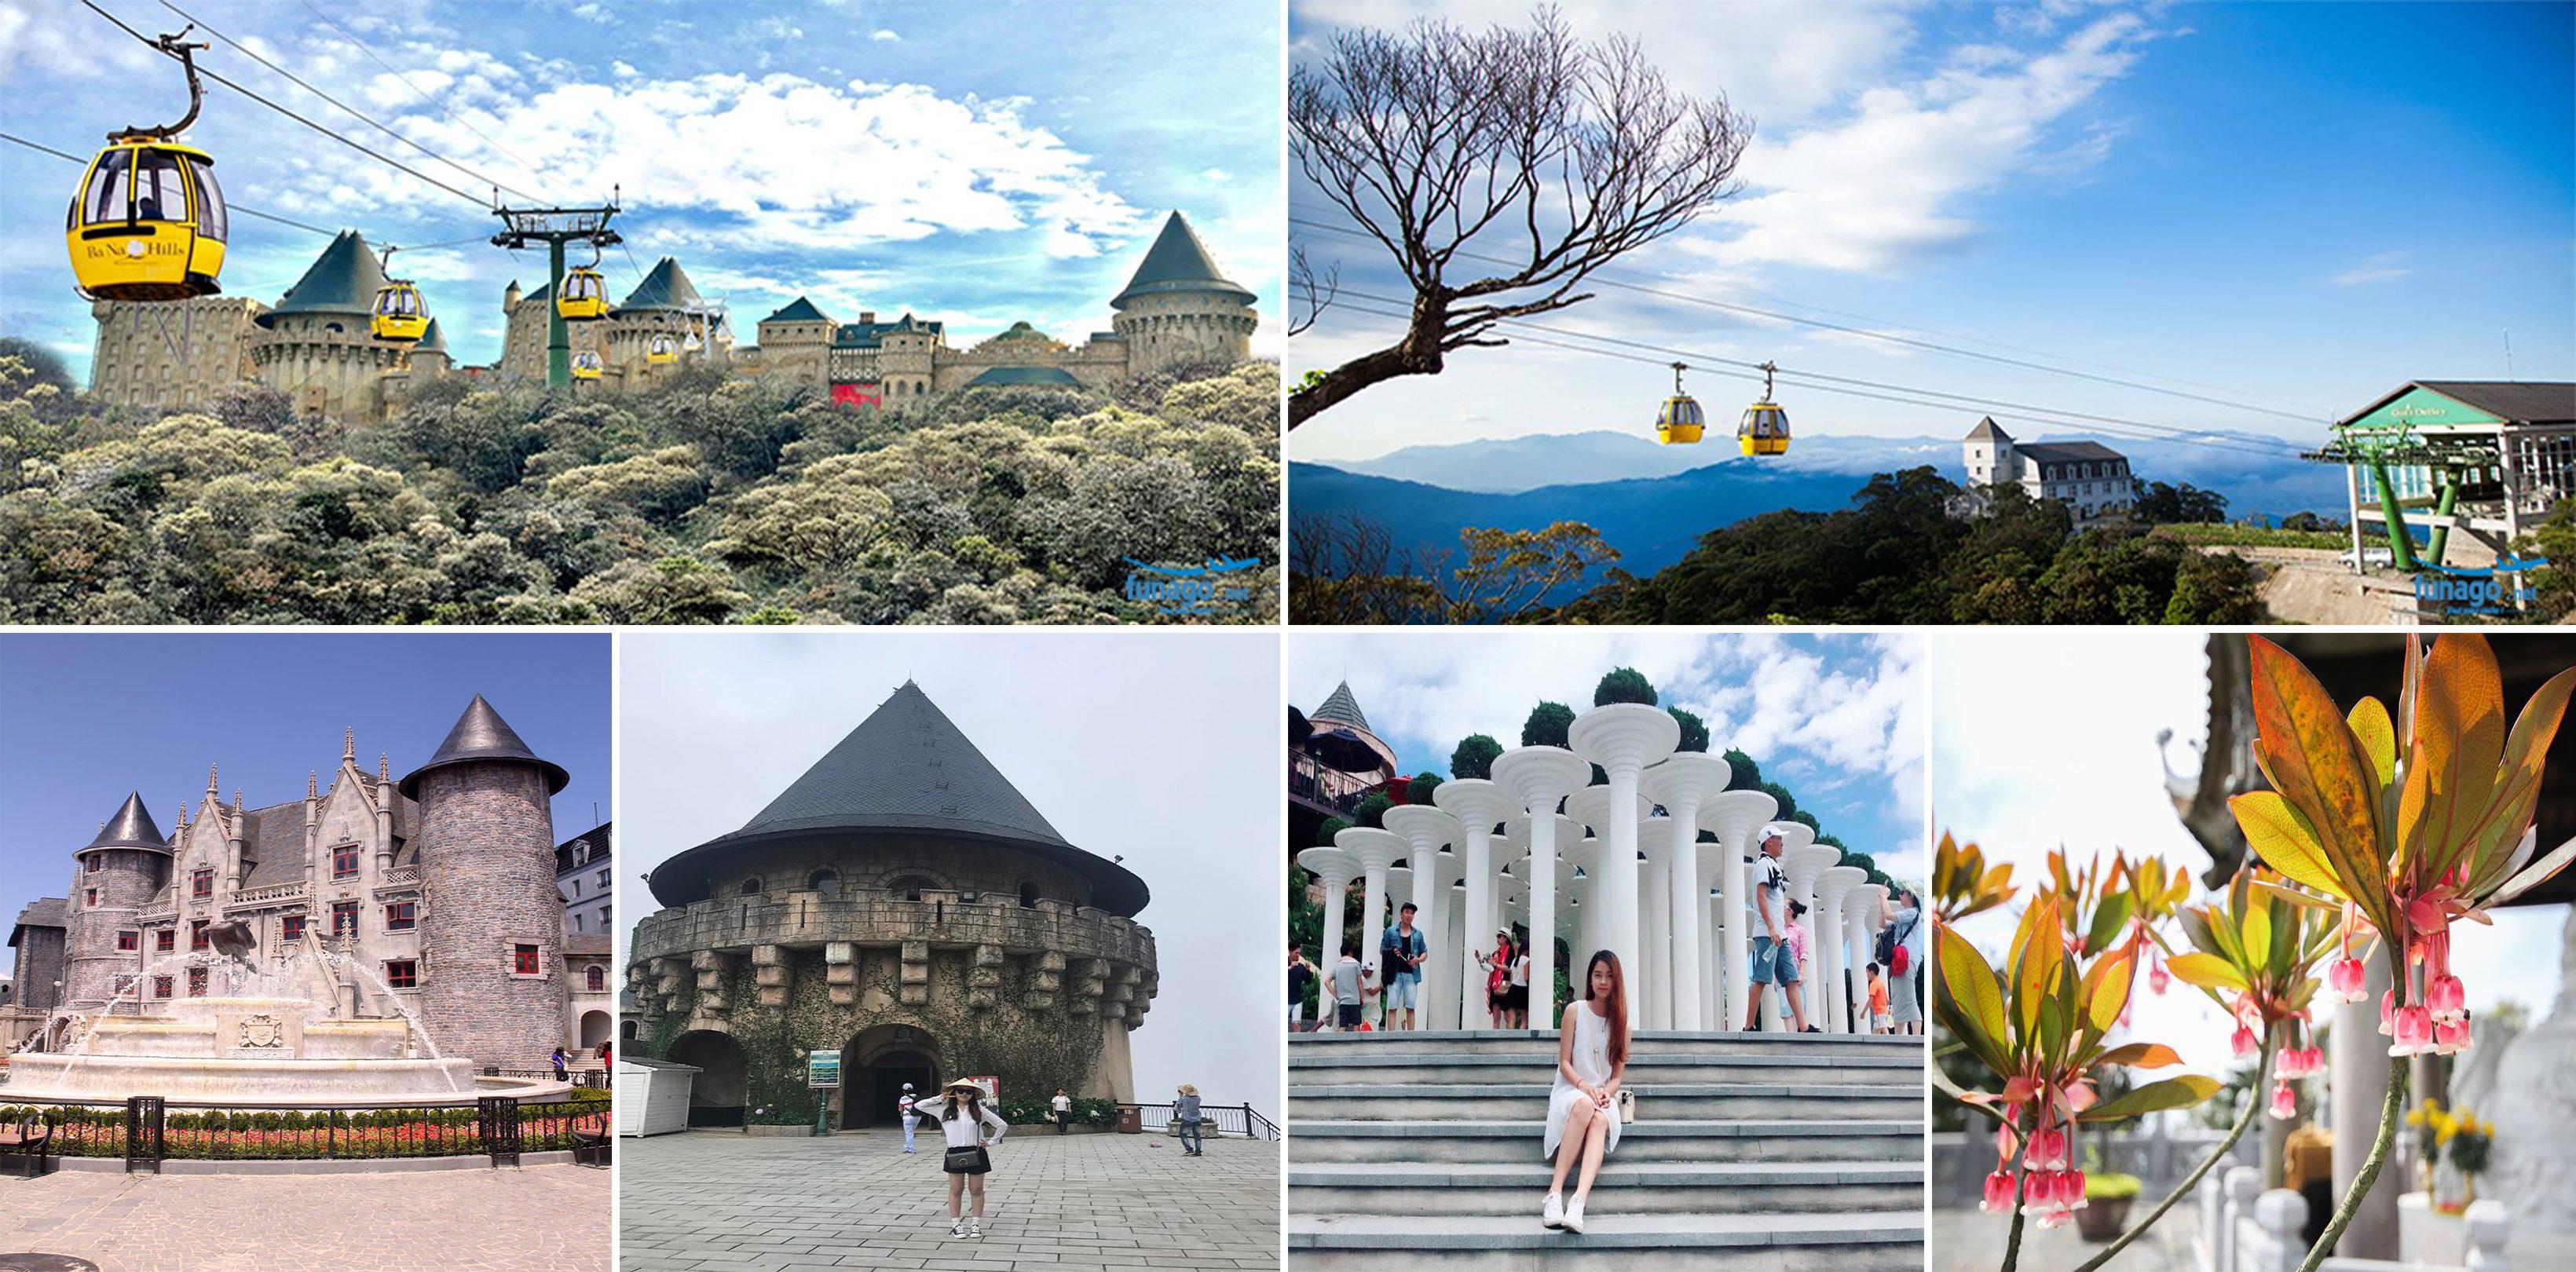 Tour Du Lịch Bà Nà – Núi Chúa Trong 1 Ngày